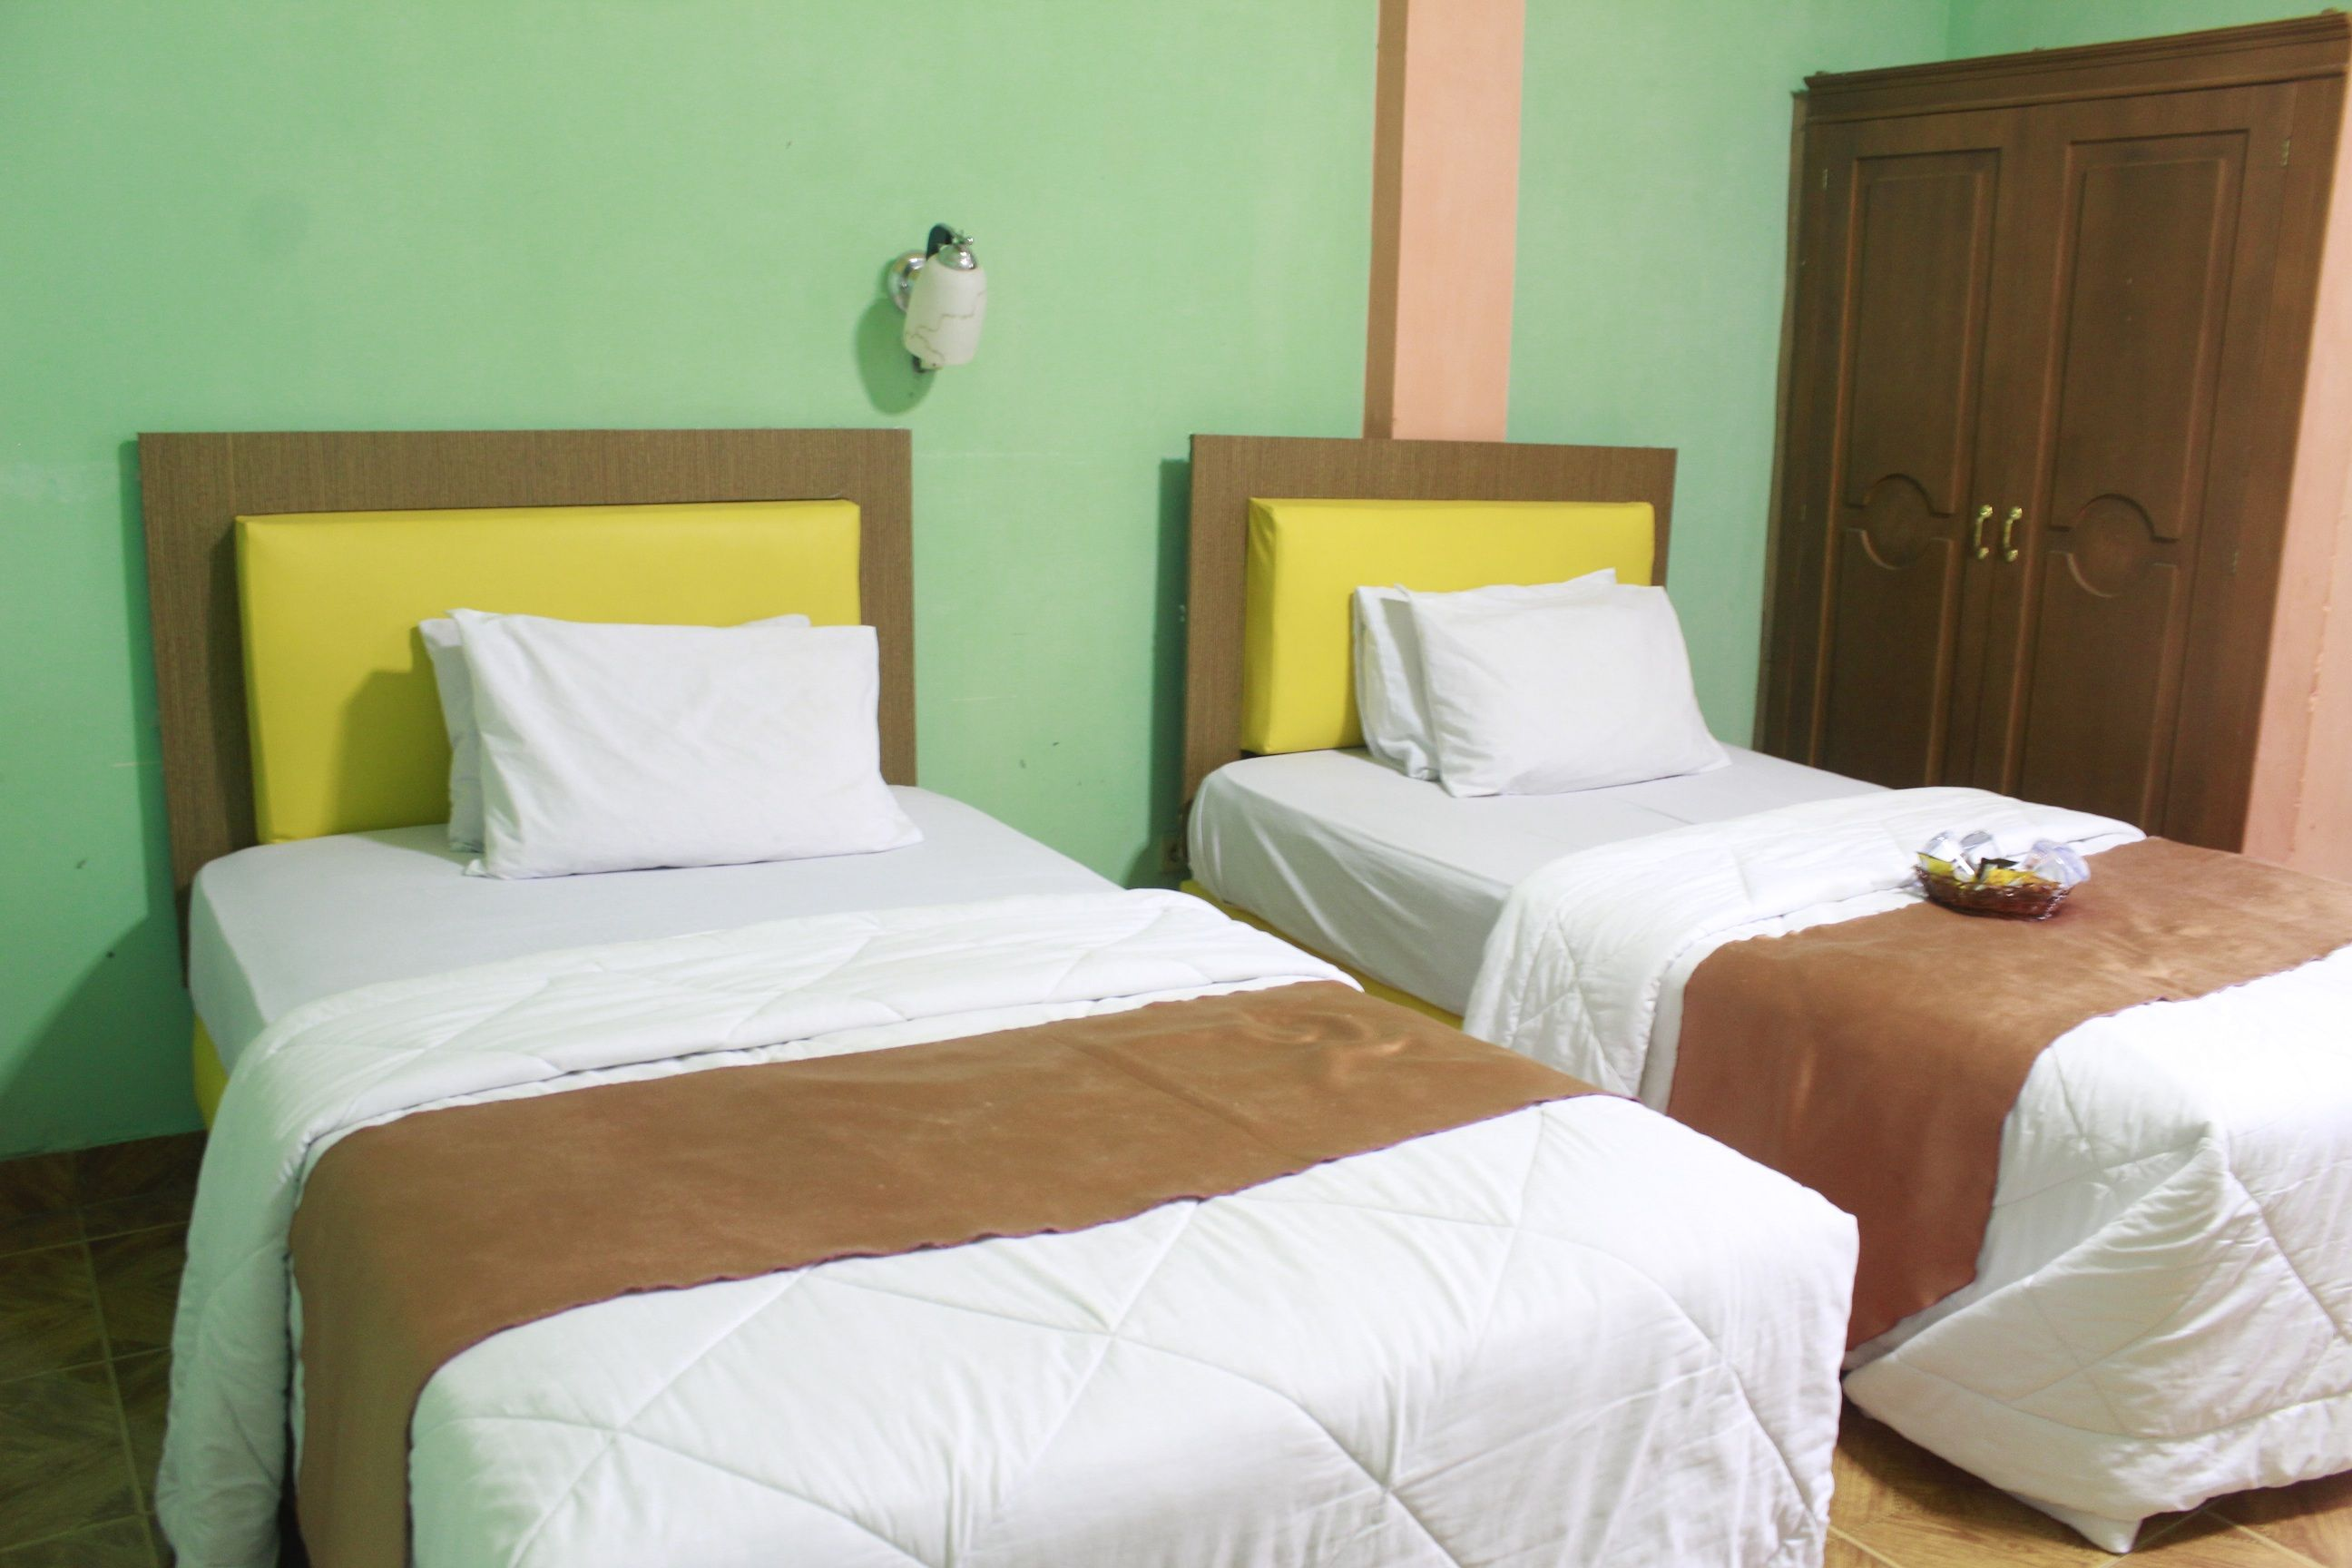 Hotel Matahari 2 Syari'ah Jambi, Jambi